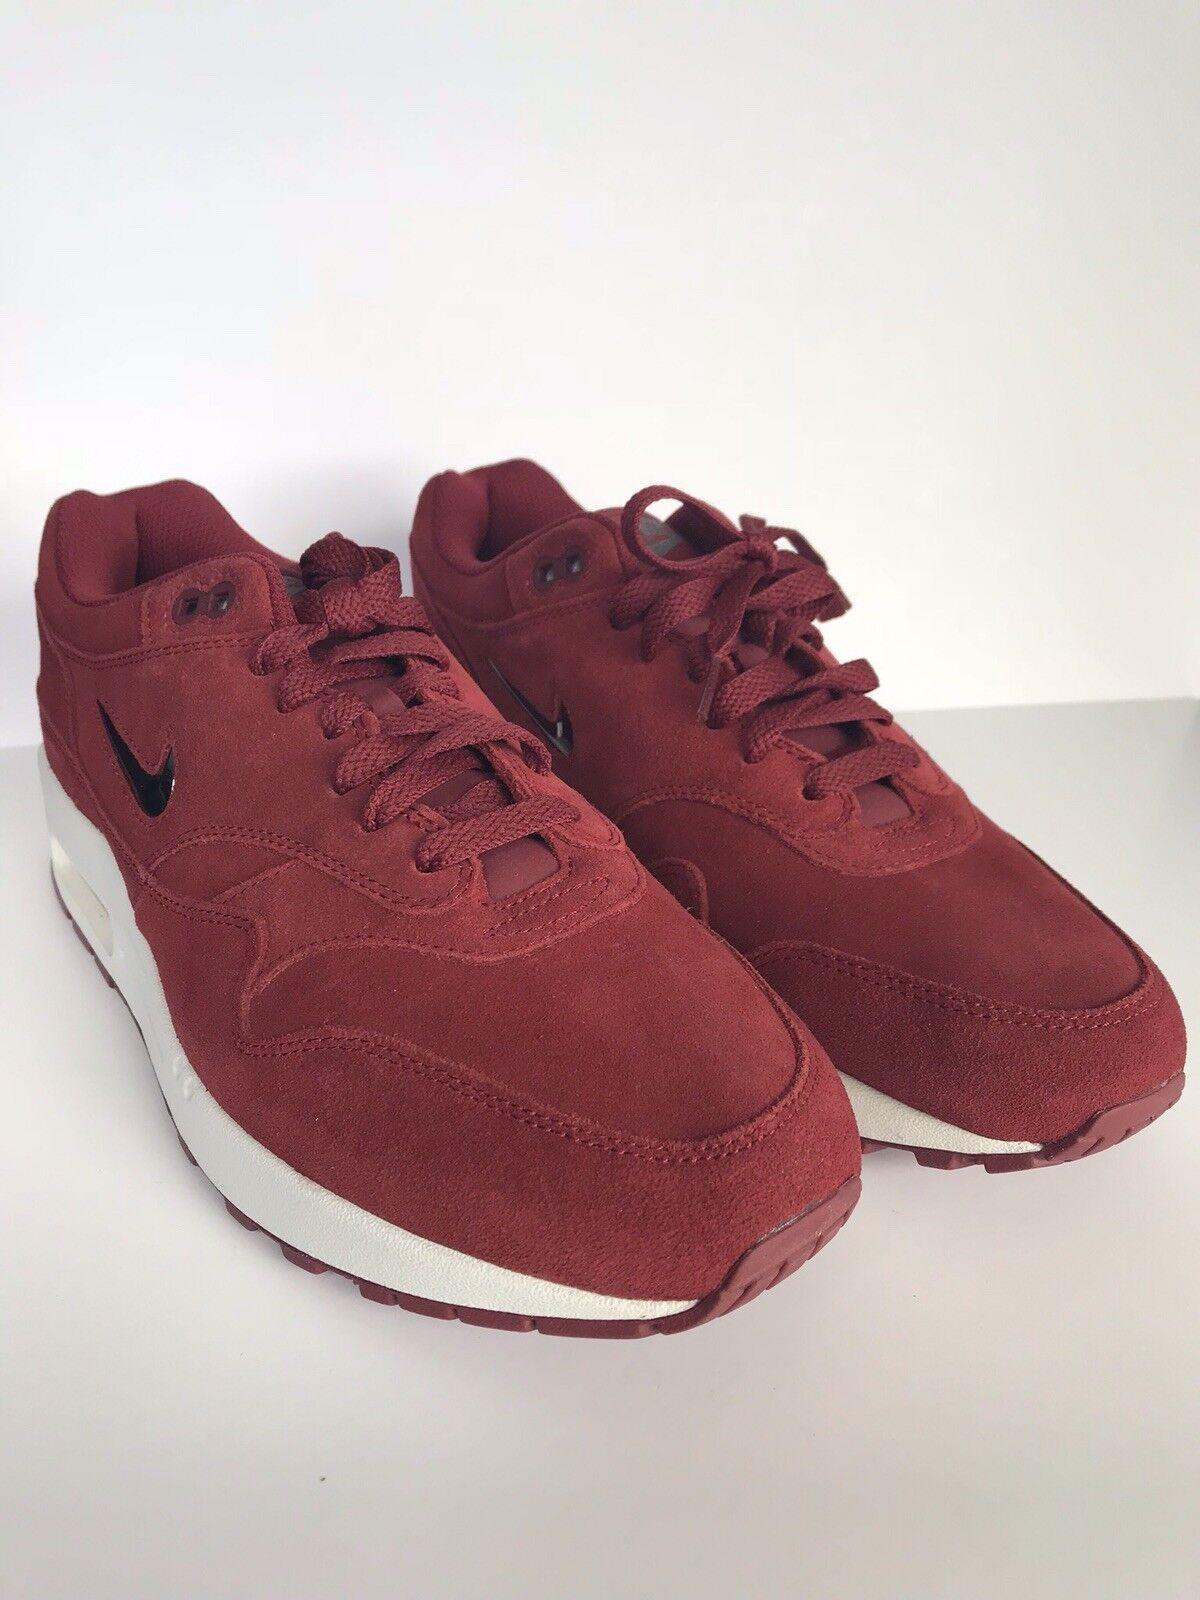 Nike rote air max 1 premium - sc juwel rote Nike wildleder 9,5 918354-600 4f4f5d